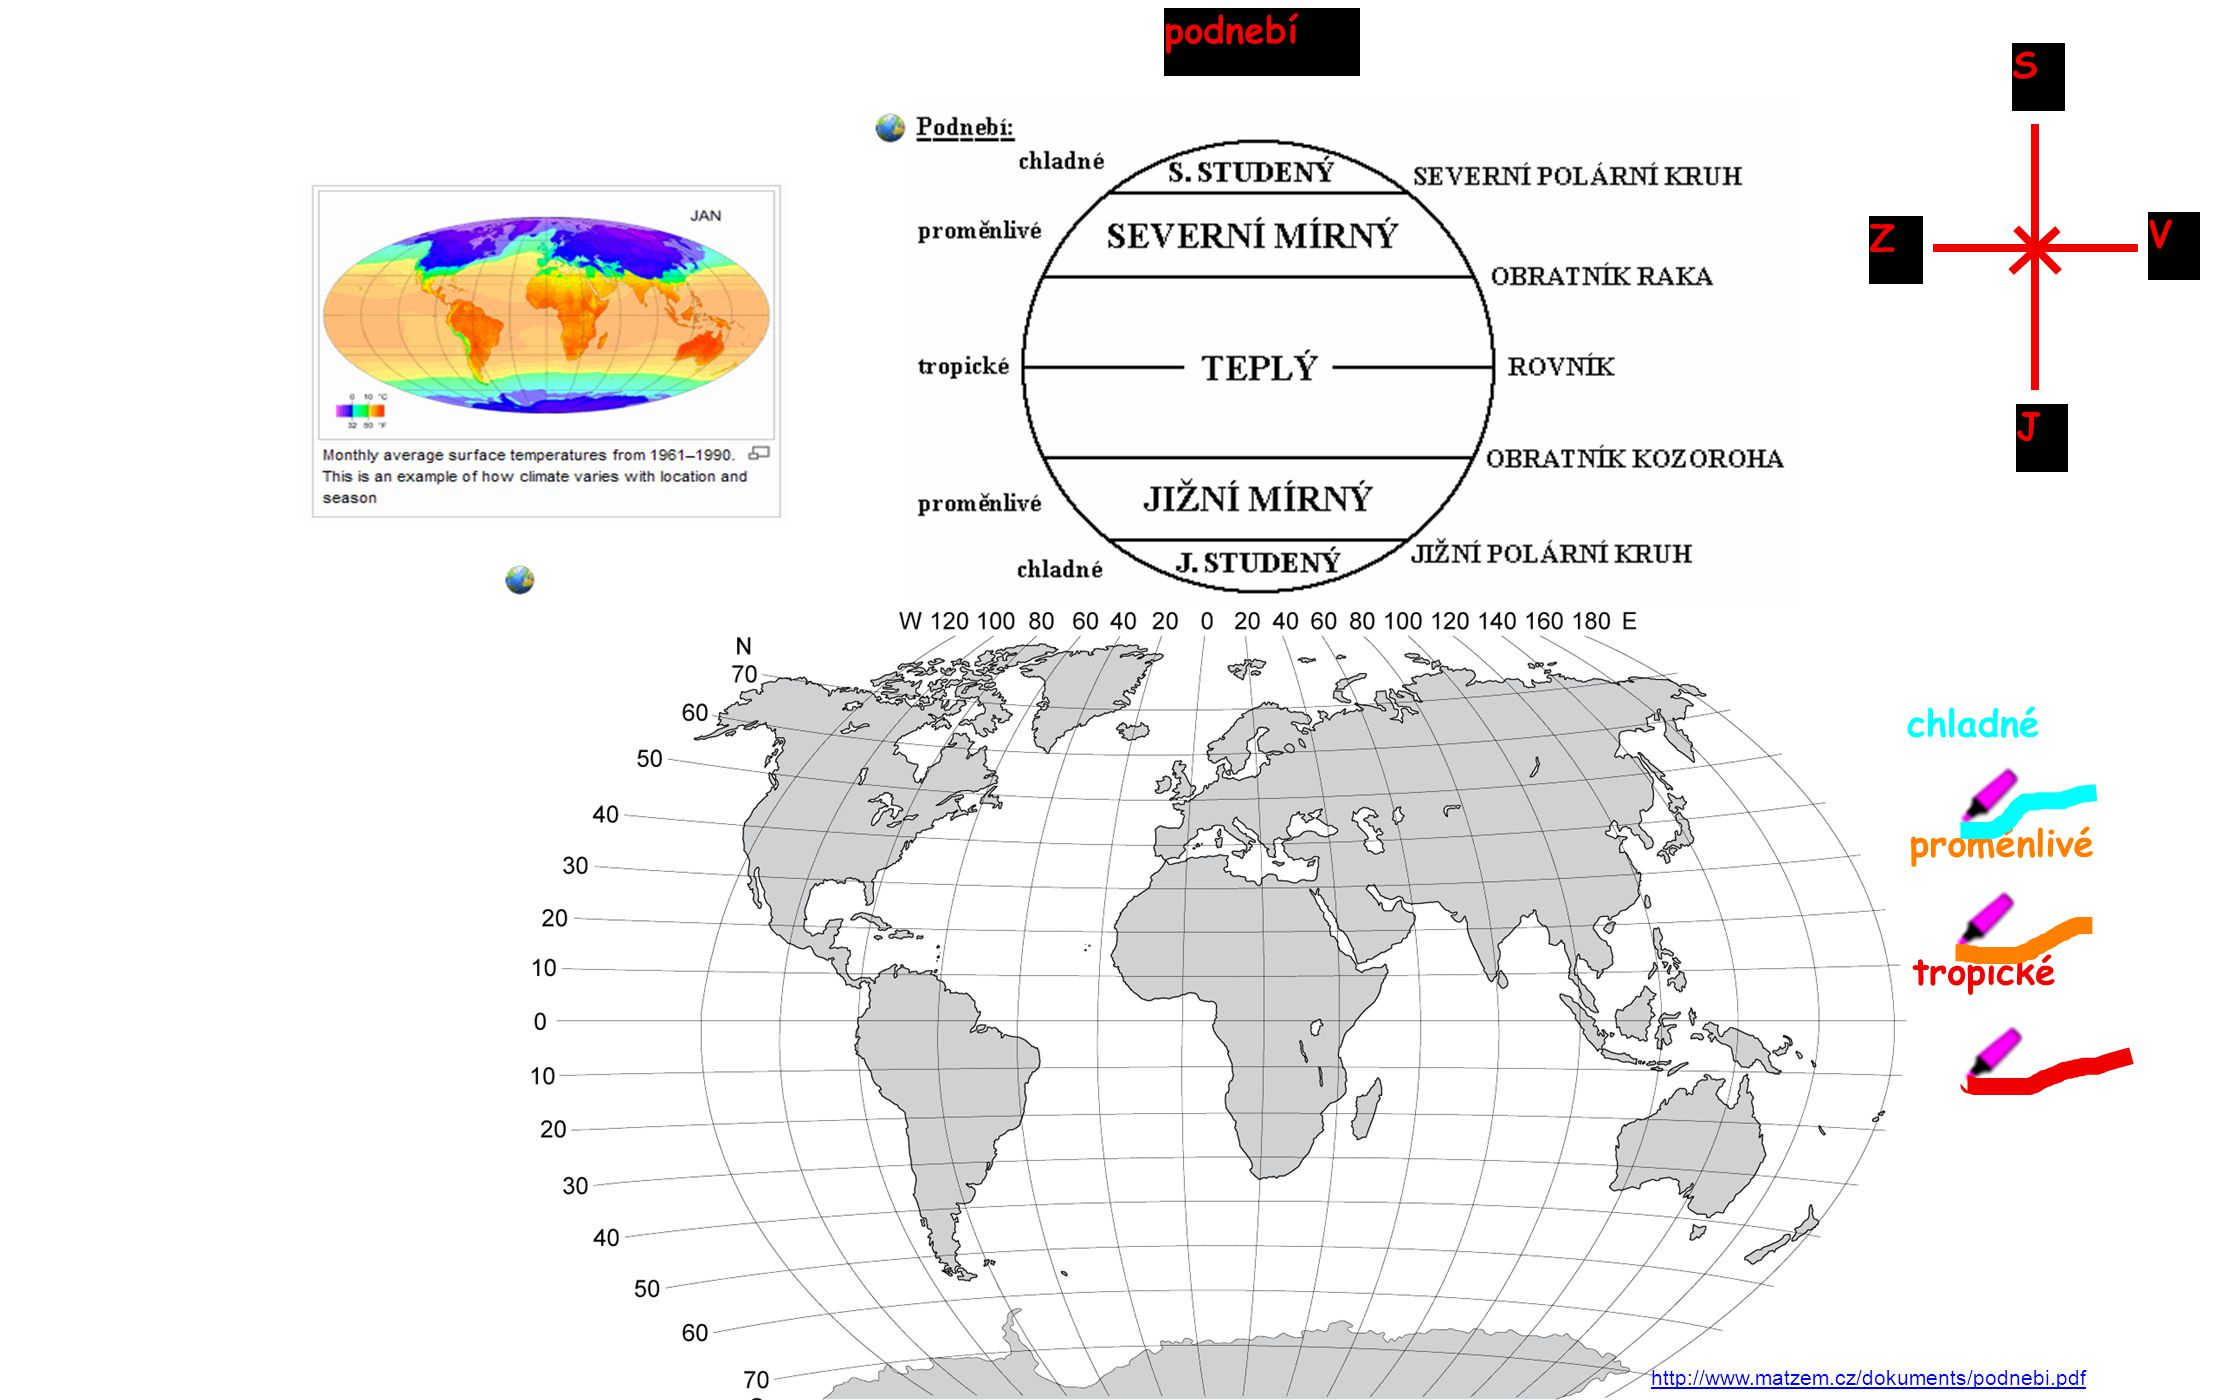 podnebí http://www.matzem.cz/dokuments/podnebi.pdf S J V Z chladné proměnlivé tropické